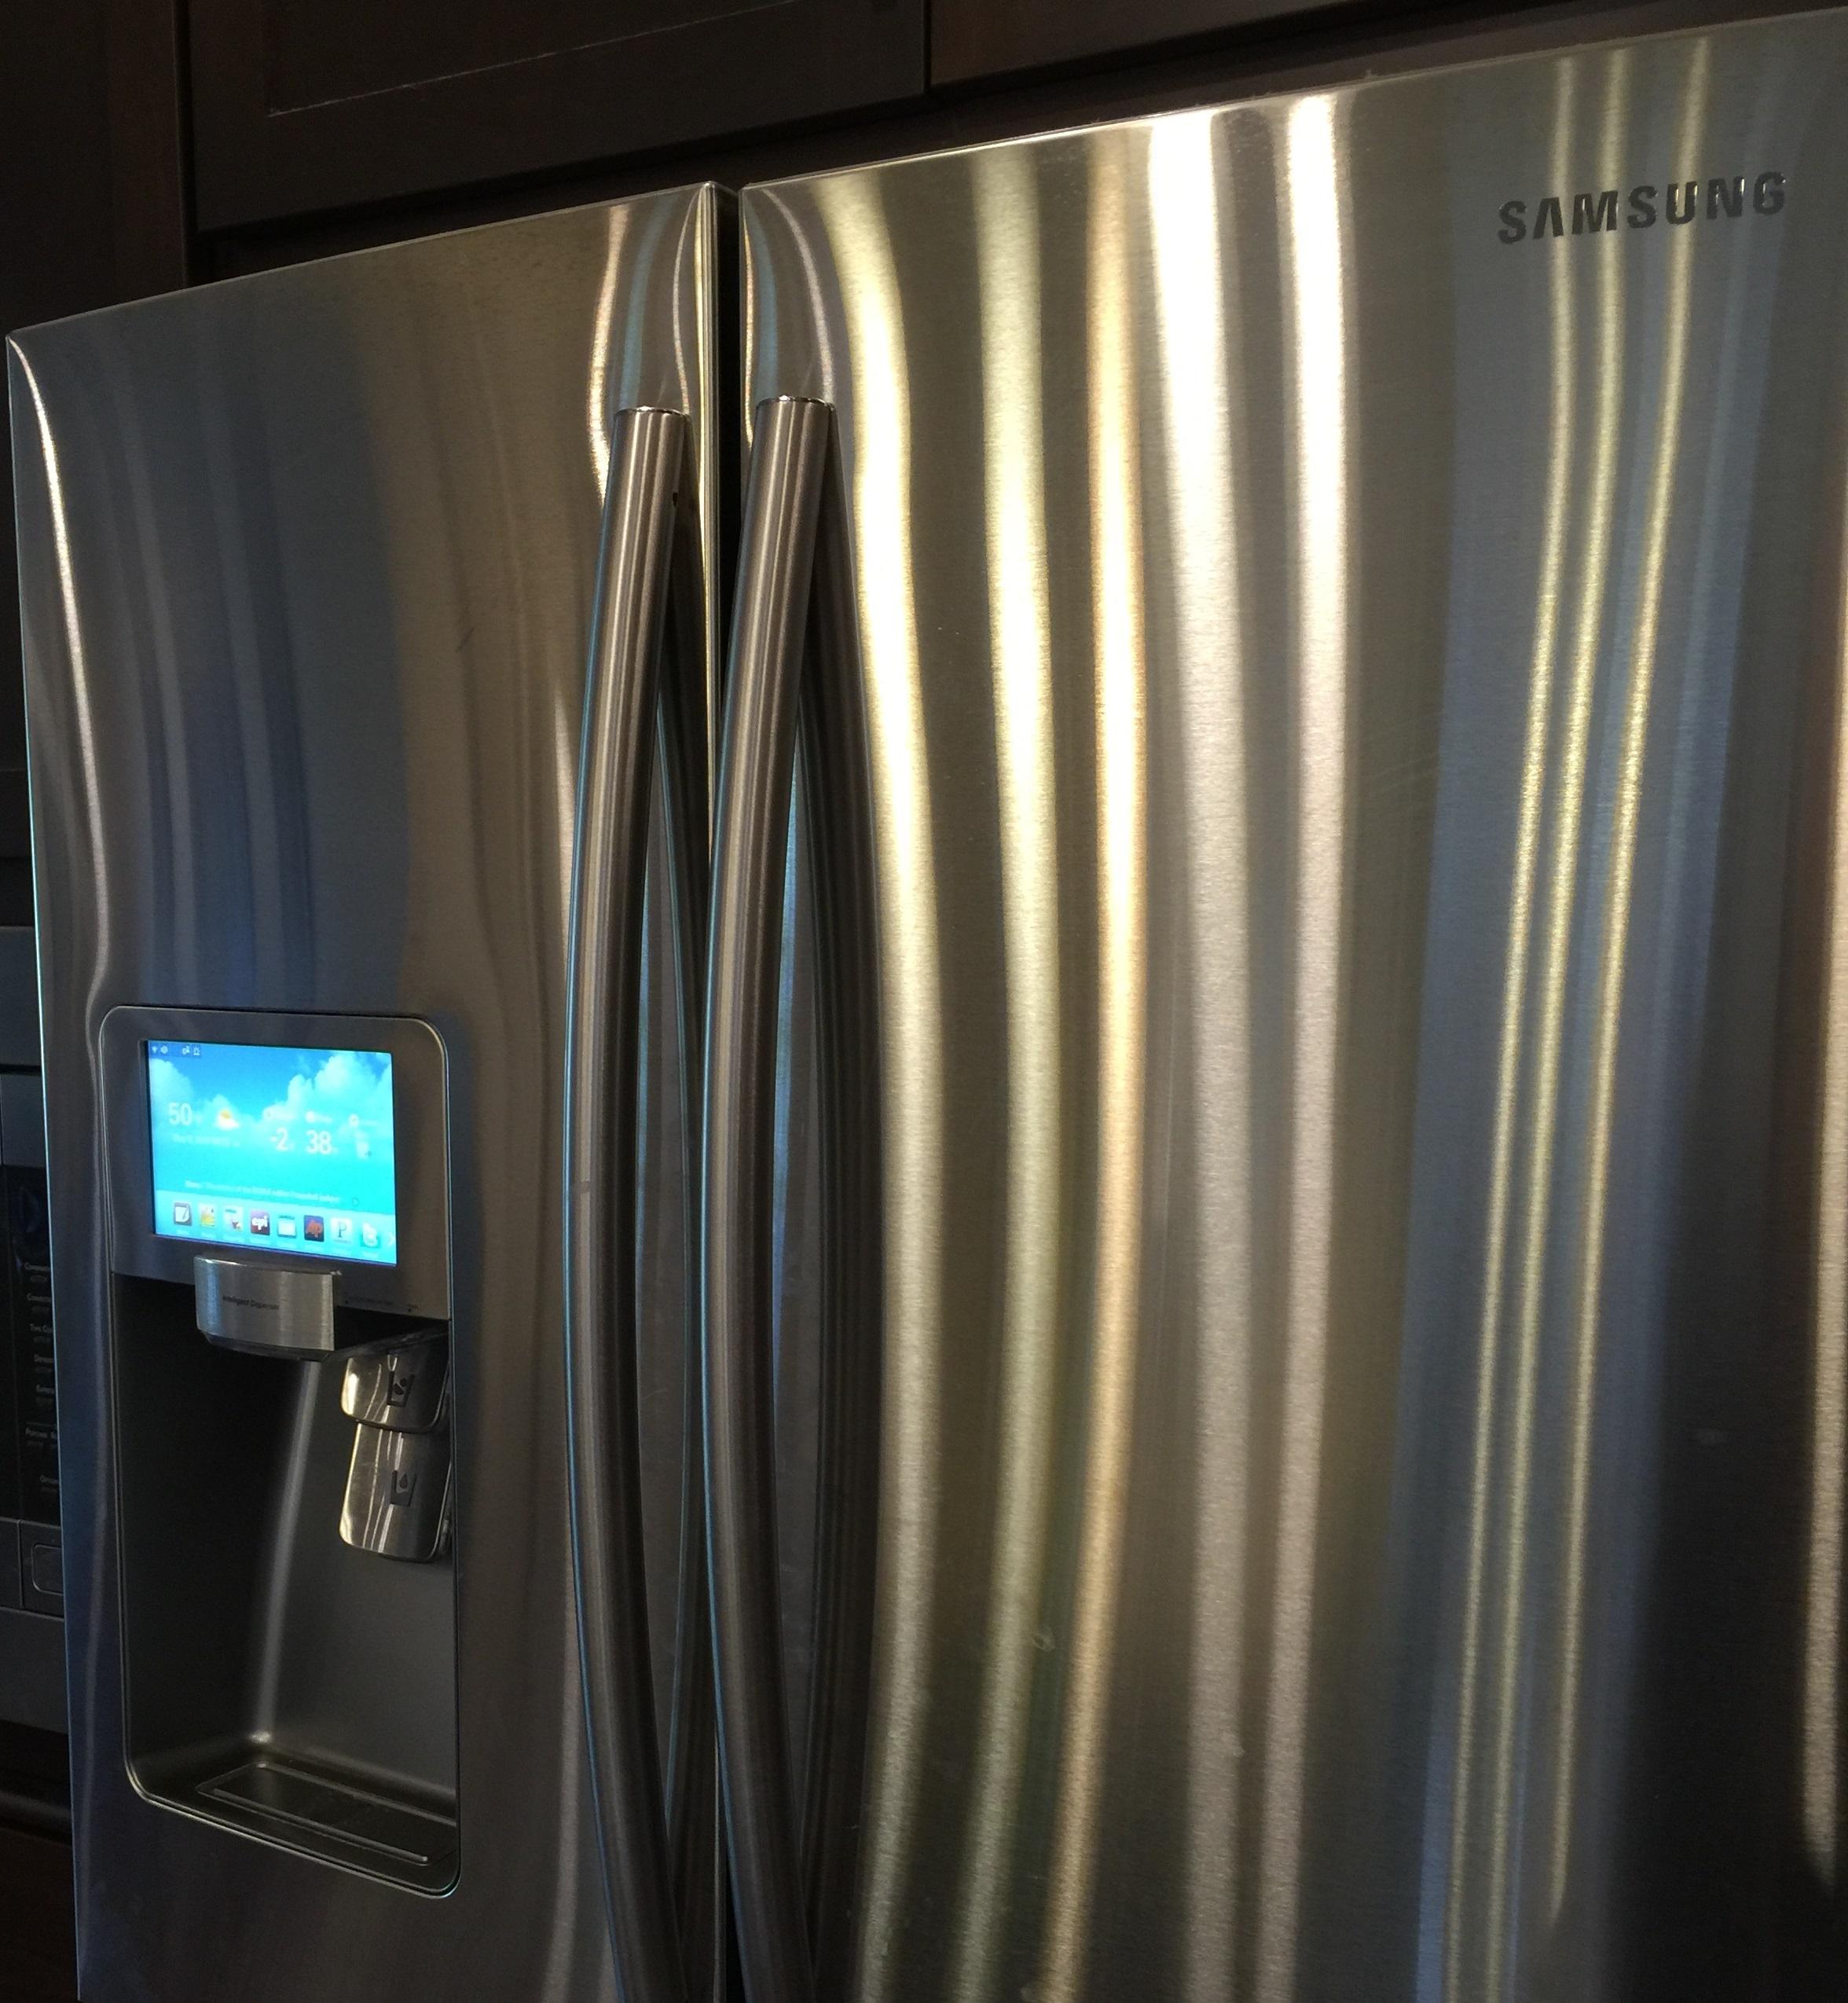 2-Refrigerator